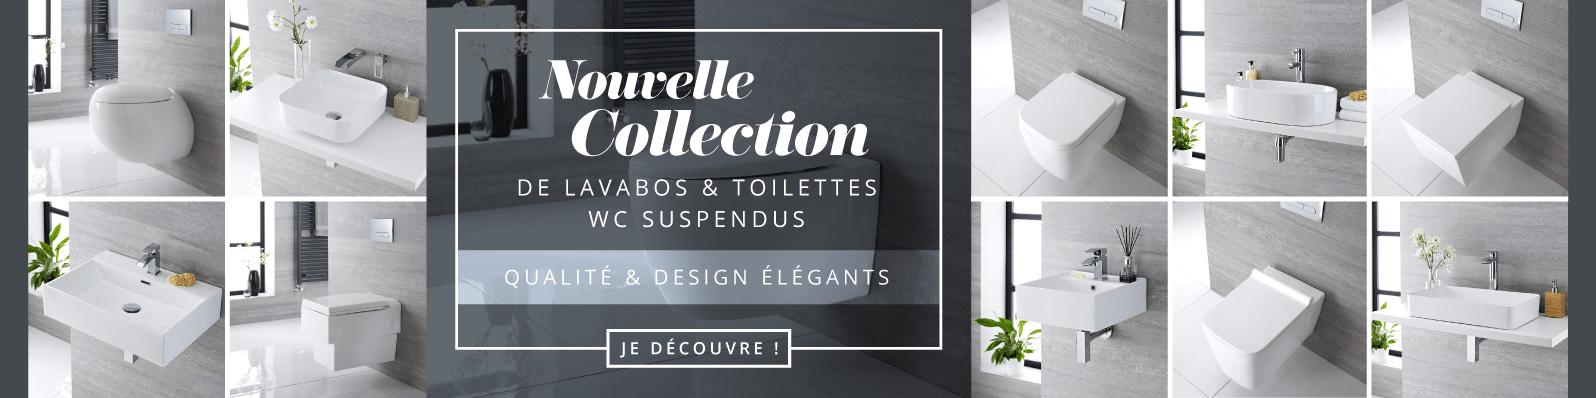 Nouvelle Collection de Lavabos & Toilettes WC Suspendus